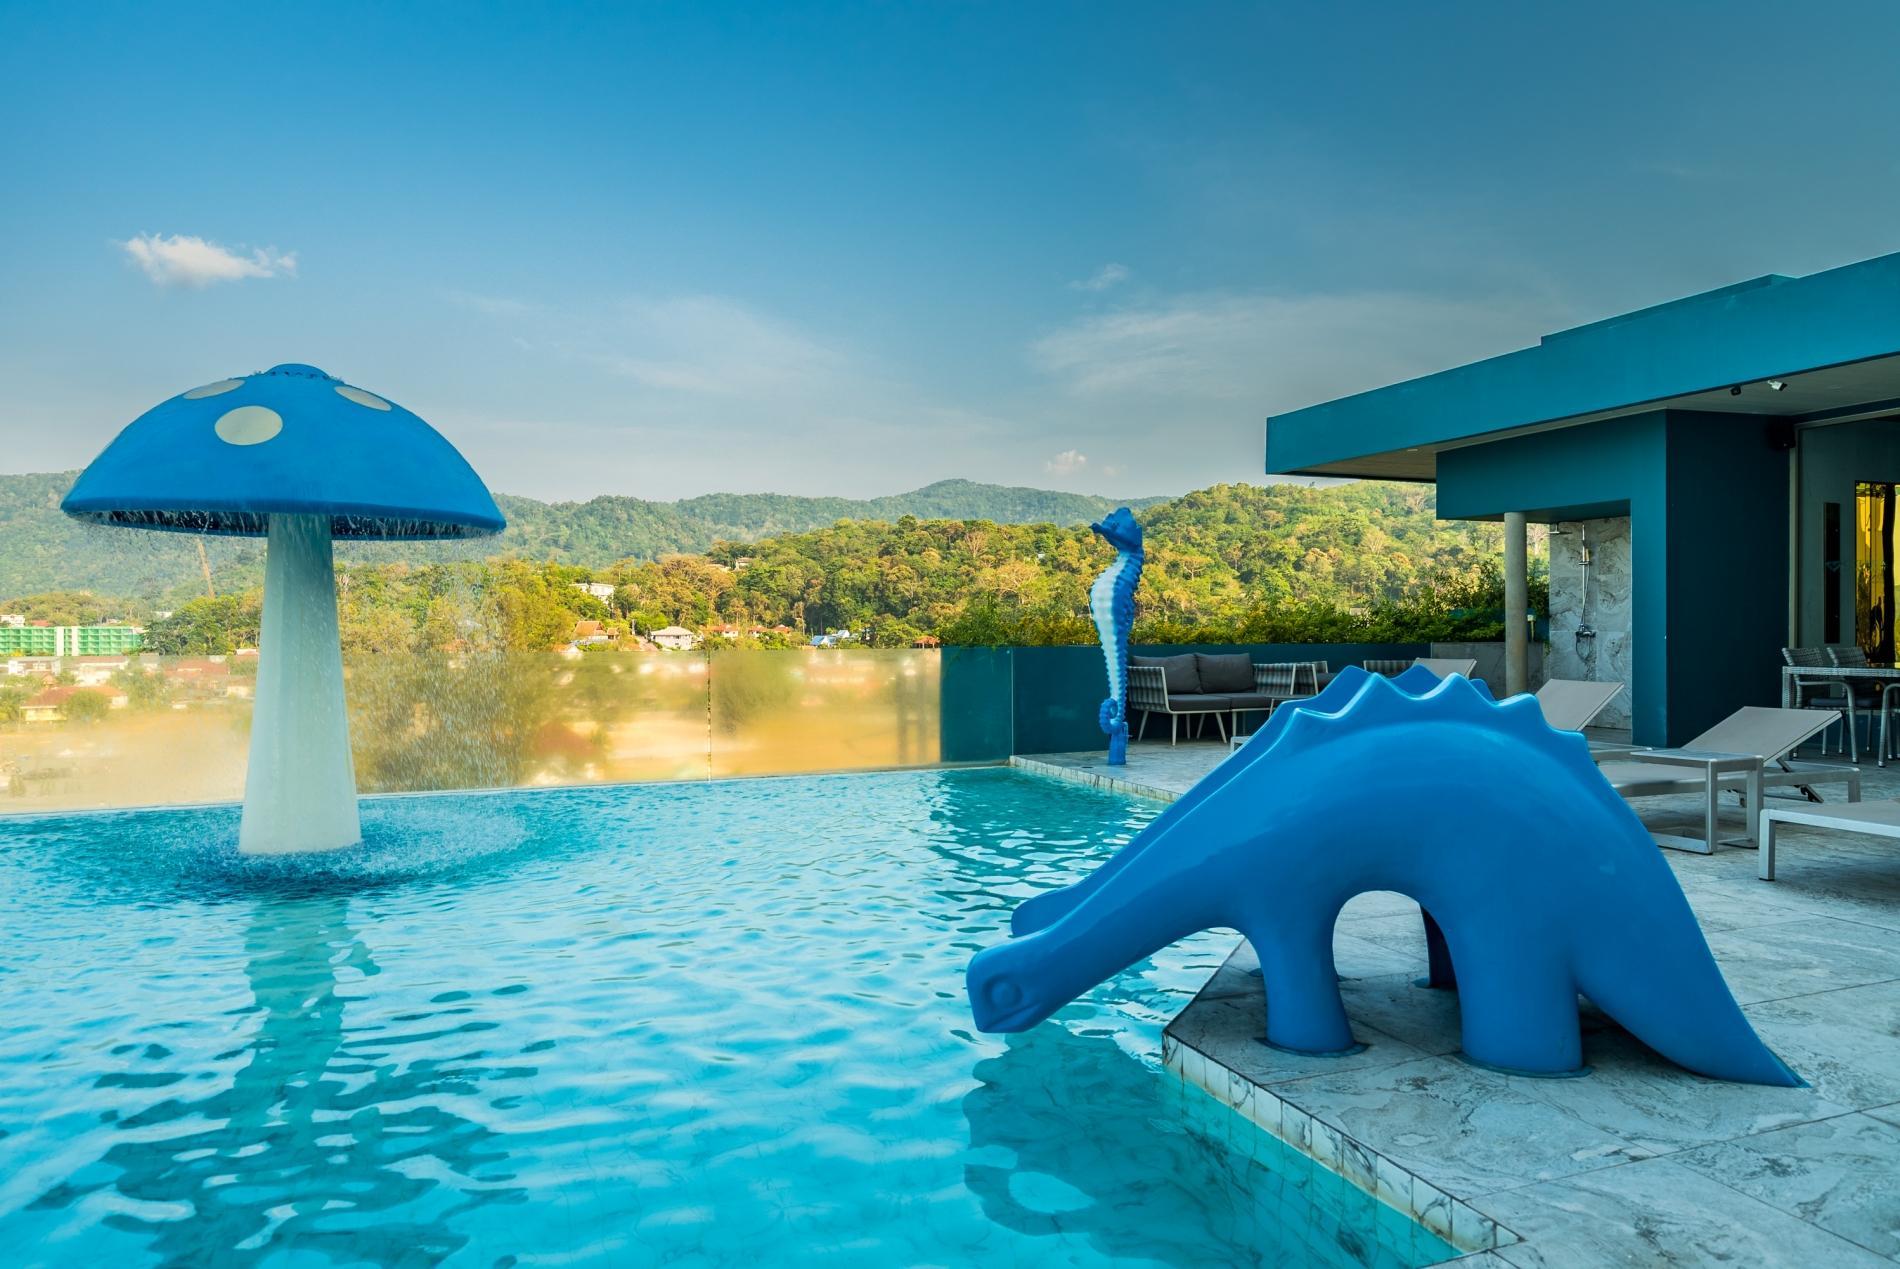 Apartment Oceana Full seaview private pool luxury apartment photo 16966590